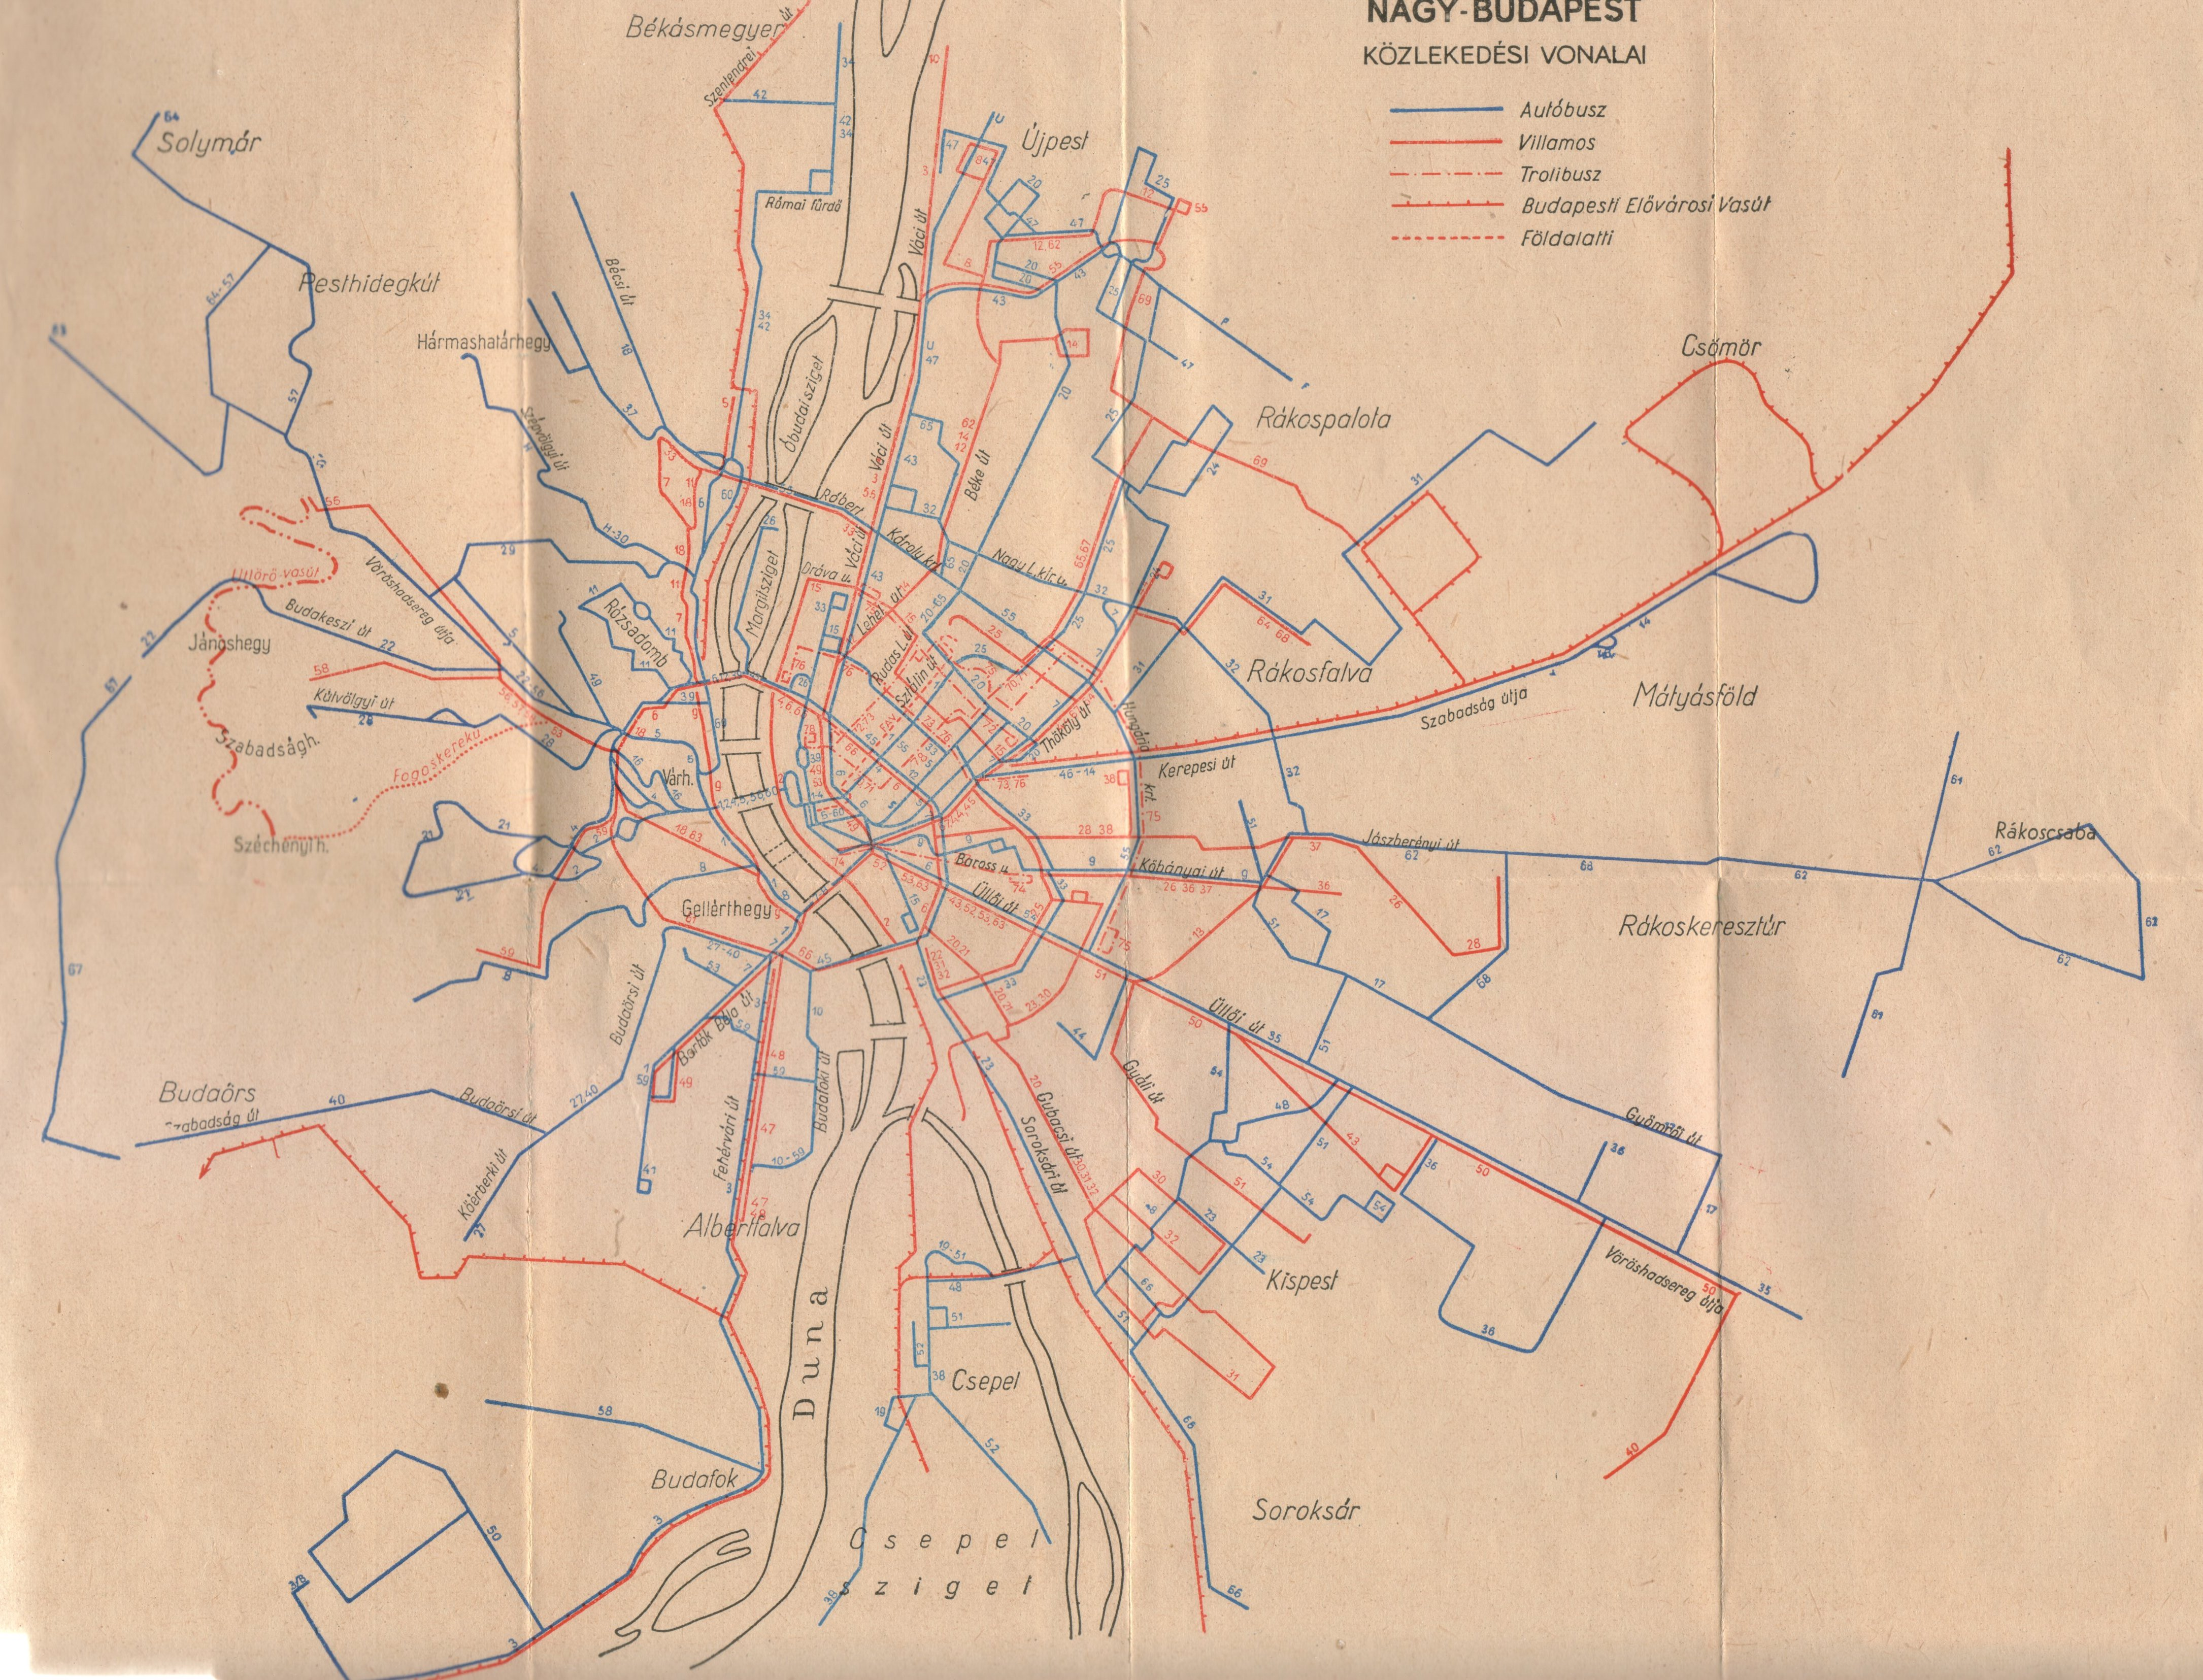 budapest térkép 1956 Villamosok.Hu   Nagy Budapest közlekedési vonalai 1956. budapest térkép 1956